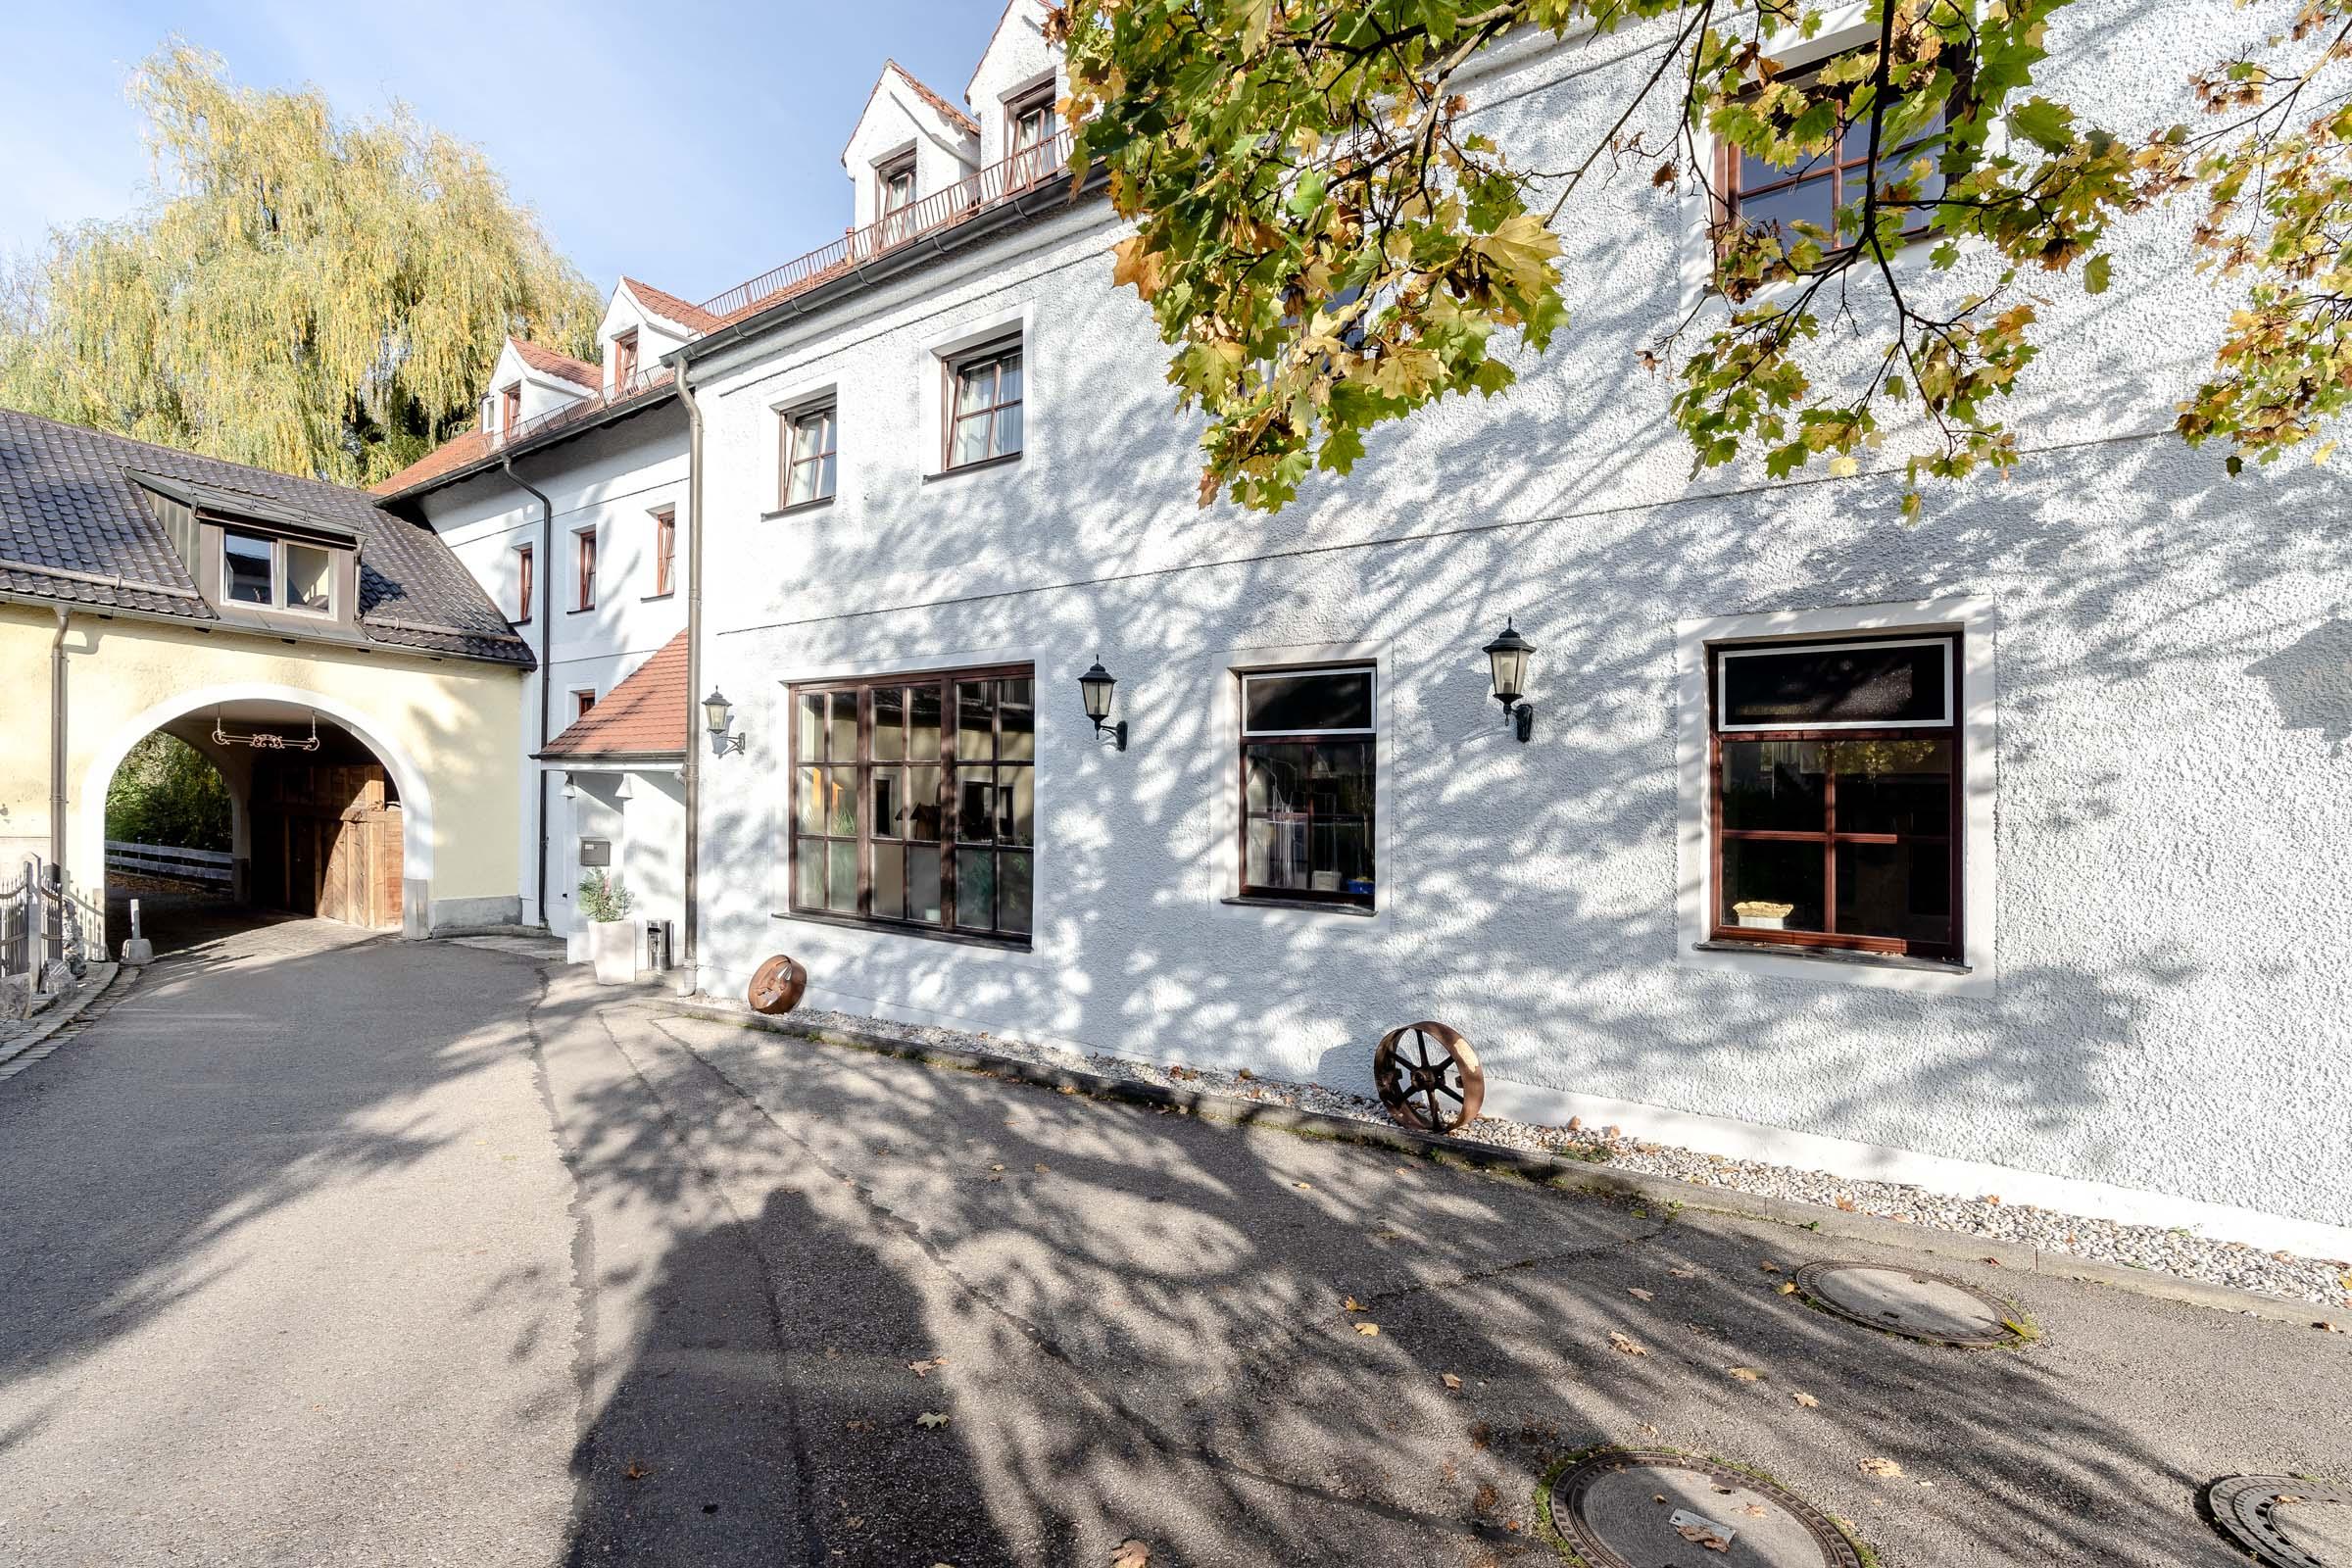 Hotel Schleuse, Obermerzing